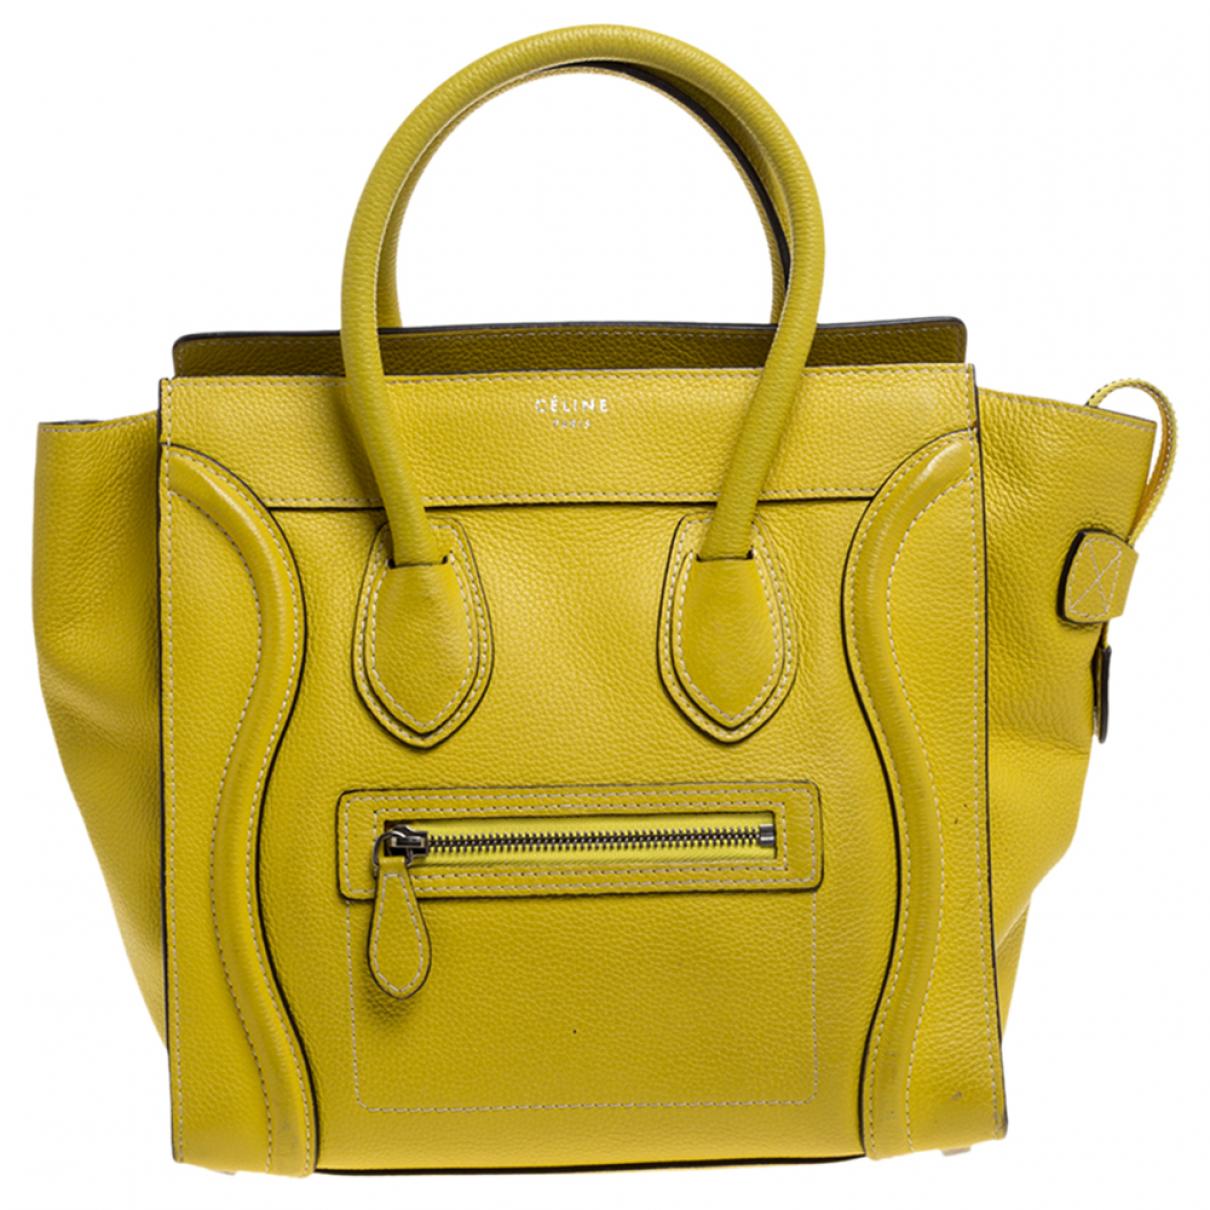 Celine Luggage Handtasche in  Gelb Leder